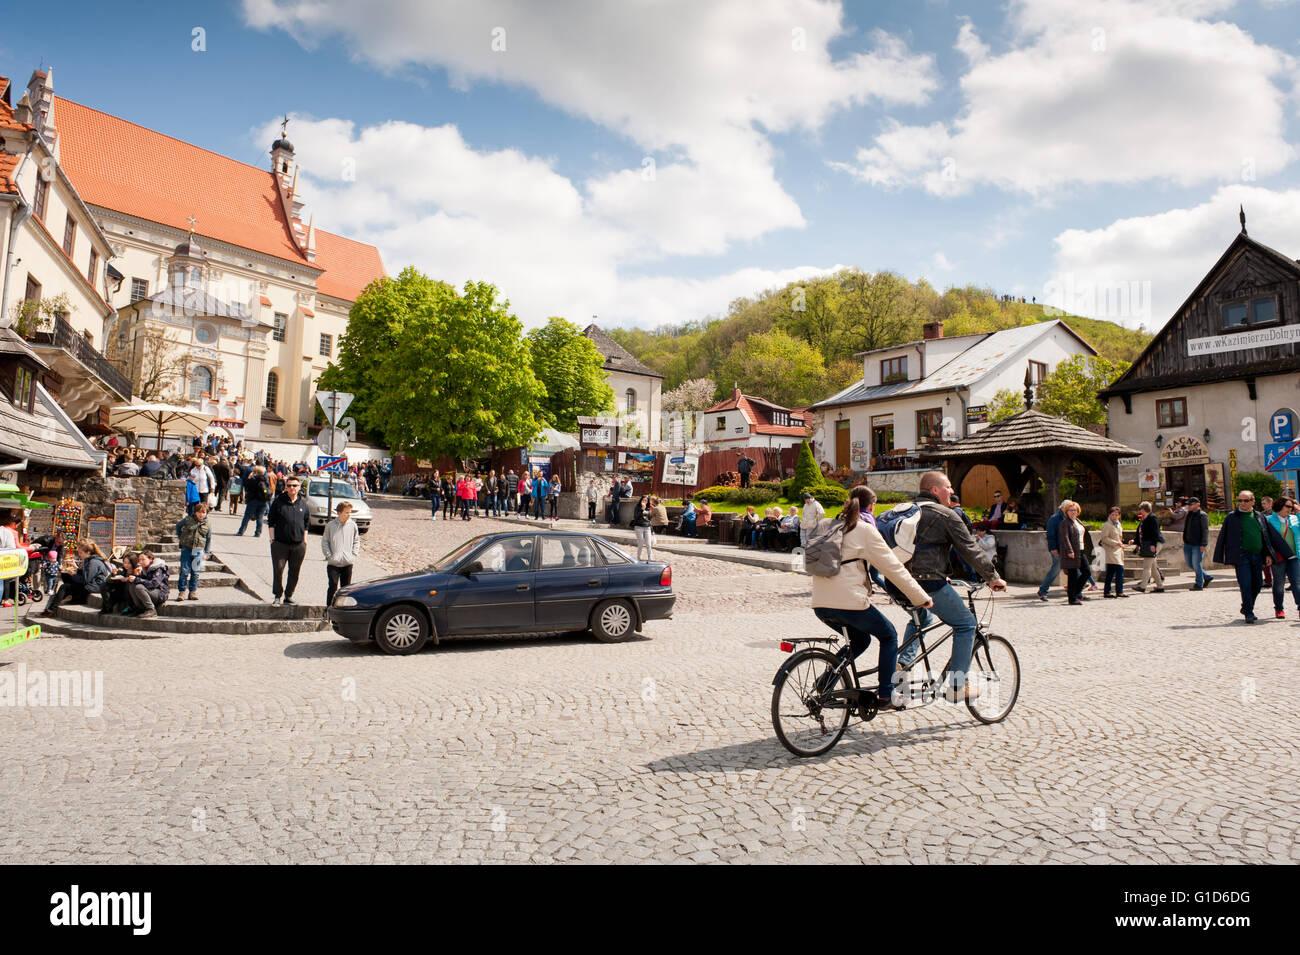 Sortie à la place du marché à Kazimierz Dolny, Pologne, Europe, tandem et location de véhicule Photo Stock